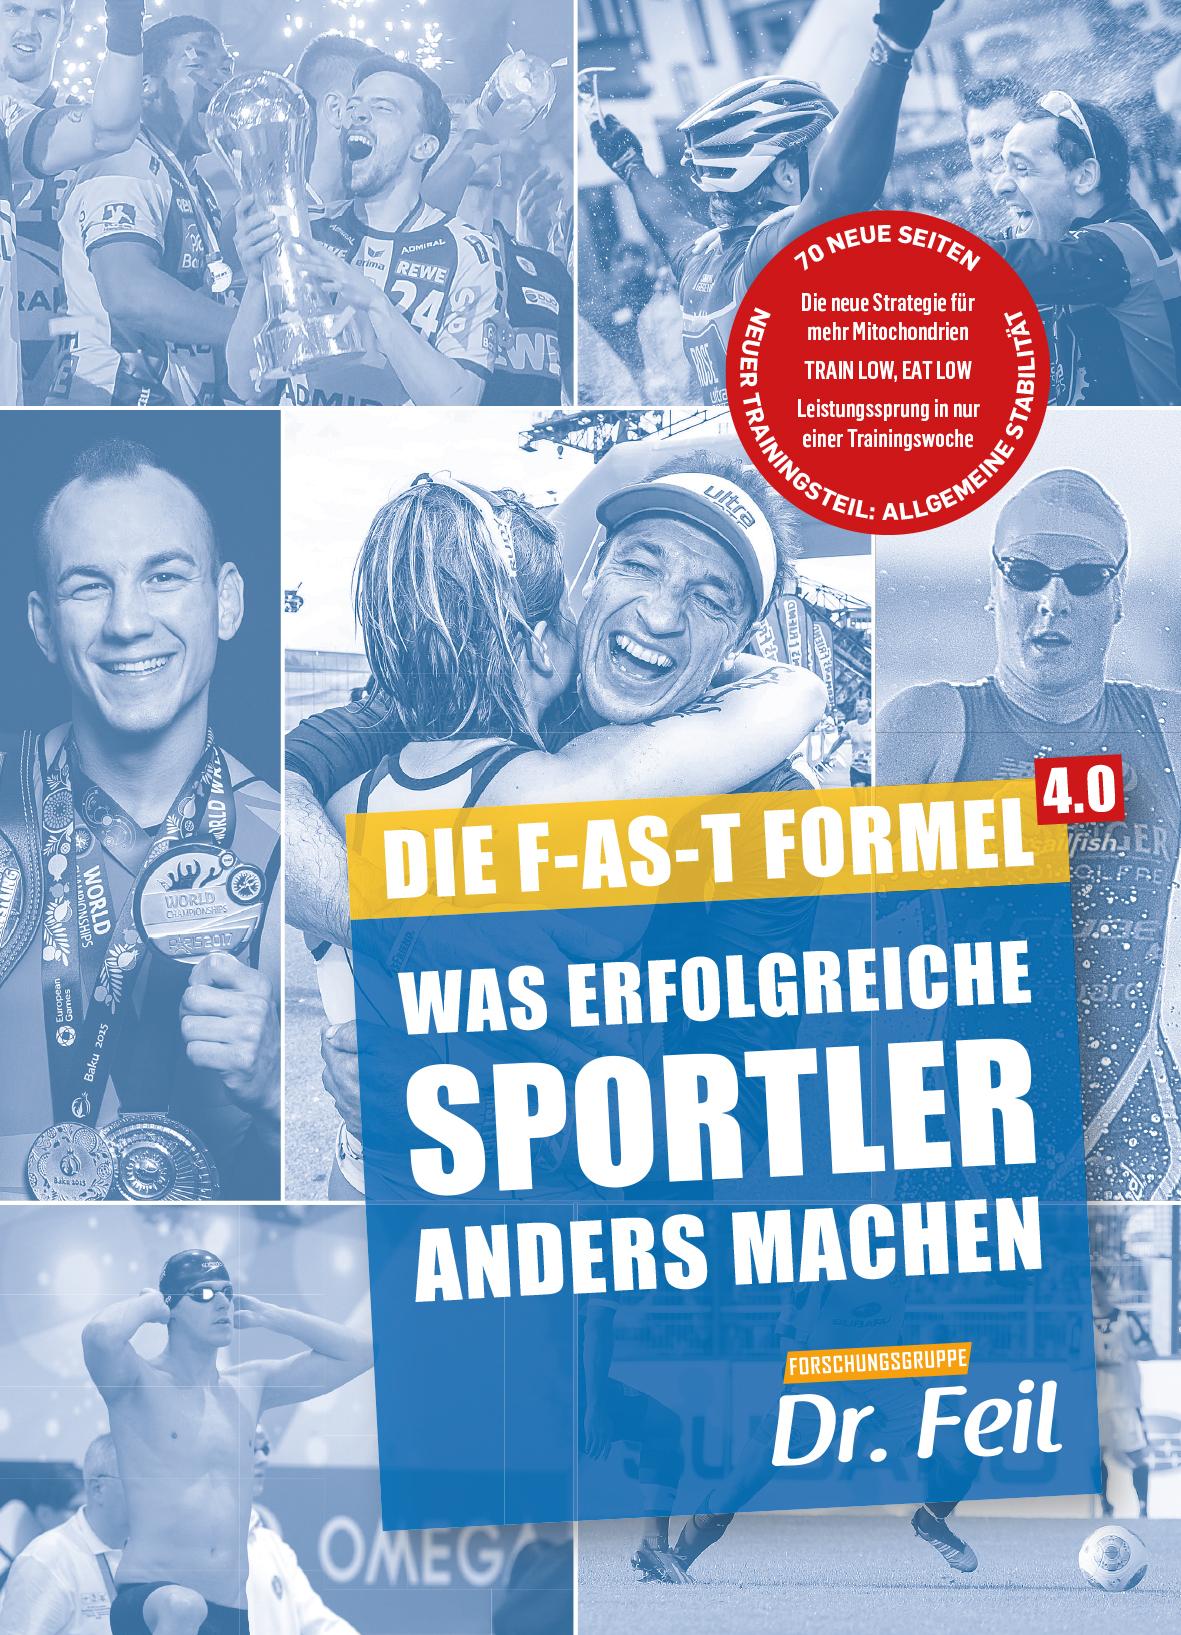 """Tobias Homburg als Buchautor! - 2018 habe ich mit Dr. Wolfgang Feil und Dr. Friederike Feil das neue Buch die """"F-AS-T Formel - Was erfolgreiche Sportler anders machen"""" geschrieben.""""In diesem Buch erfährst du, wie sich Top-Athleten ernähren, um noch besser zu werden und sich gleichzeitig vor Verletzungen zu schützen. Zusätzlich kriegst du viele einmalige Trainingstipps und sehr praxisnahe Empfehlungen, wie du dein Training mit der perfekten Ernährung kombinierst. Dieses Buch sucht seines gleichen in der Sporternährung.Fang am Besten gleich heute an, damit du noch schneller und besser wirst!In meiner Praxis kannst du das Buch natürlich jeder Zeit anschauen.Viel Spaß!""""Tobias Homburg"""